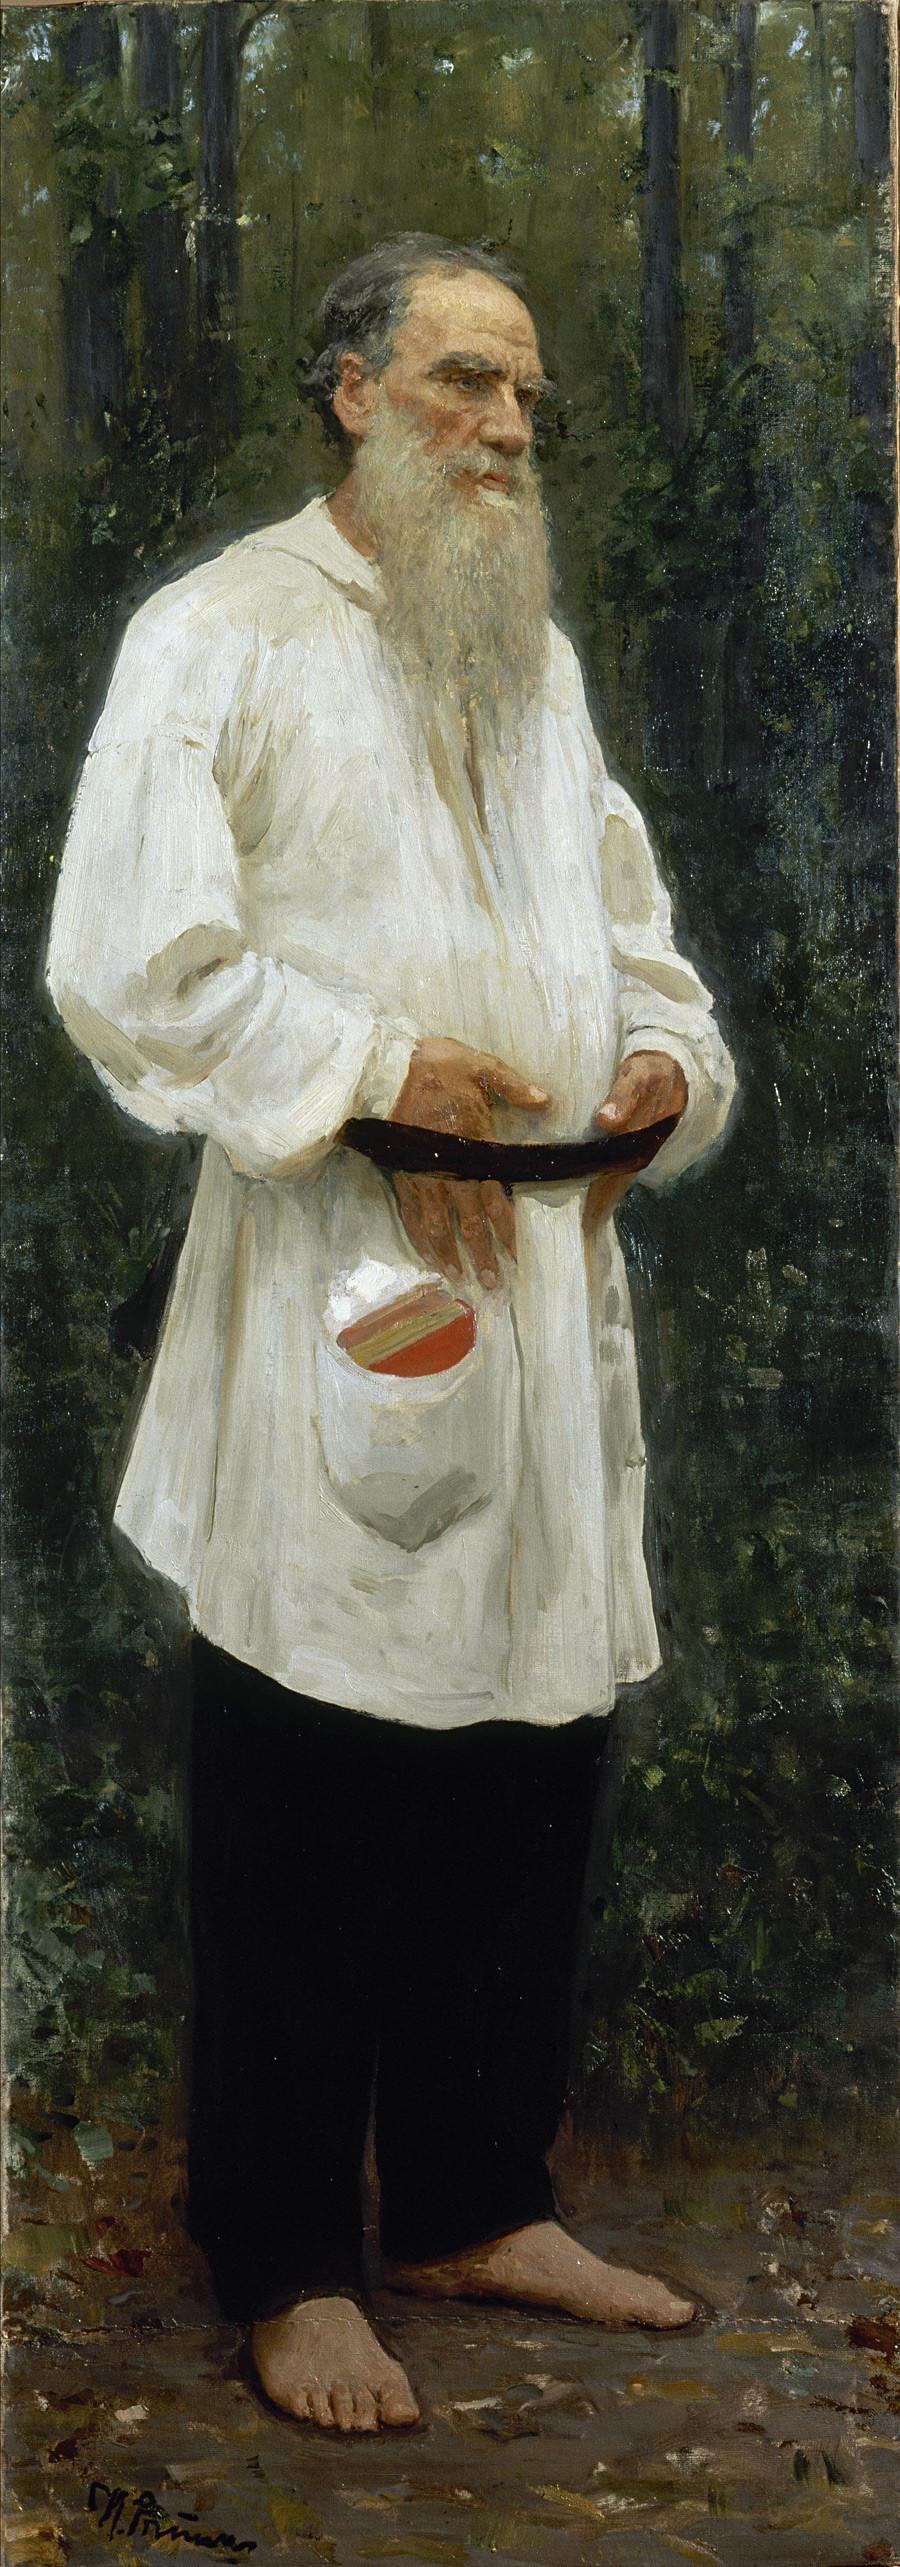 Léon Tolstoï pieds nus, 1901